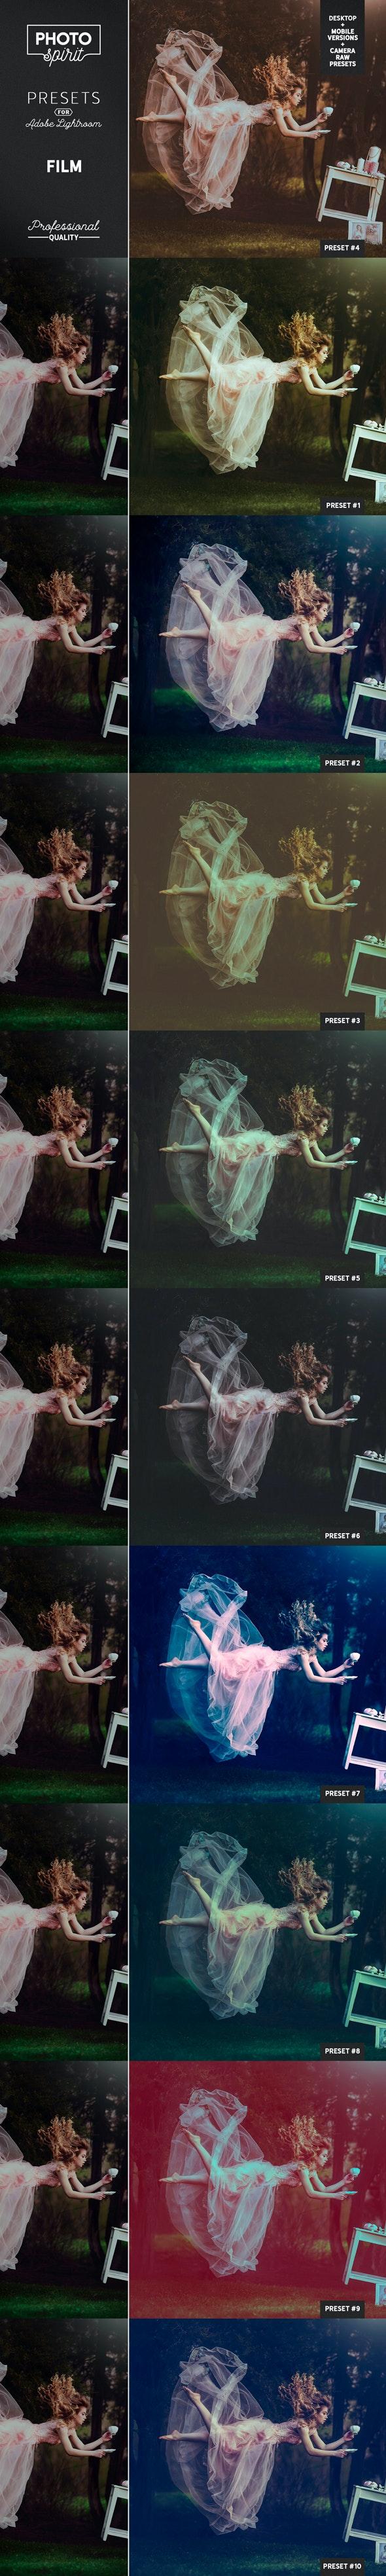 Film Presets DNG Mobile + Desktop + Camera RAW - Film Lightroom Presets